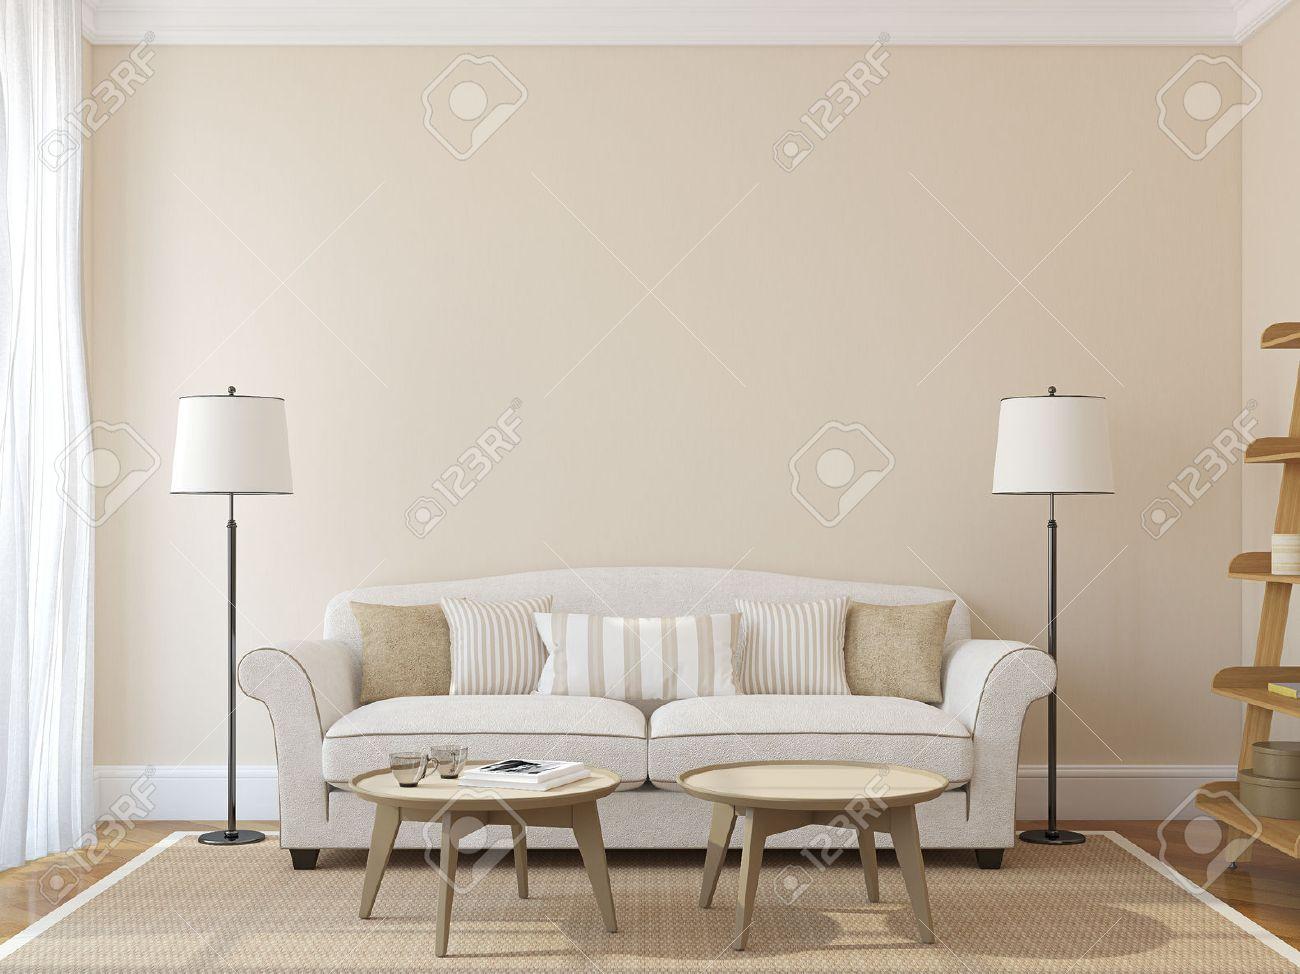 GroBartig Moderne Wohnzimmer Interieur Mit Weißen Couch In Der Nähe Leer Beige Wand.  3D Darstellung